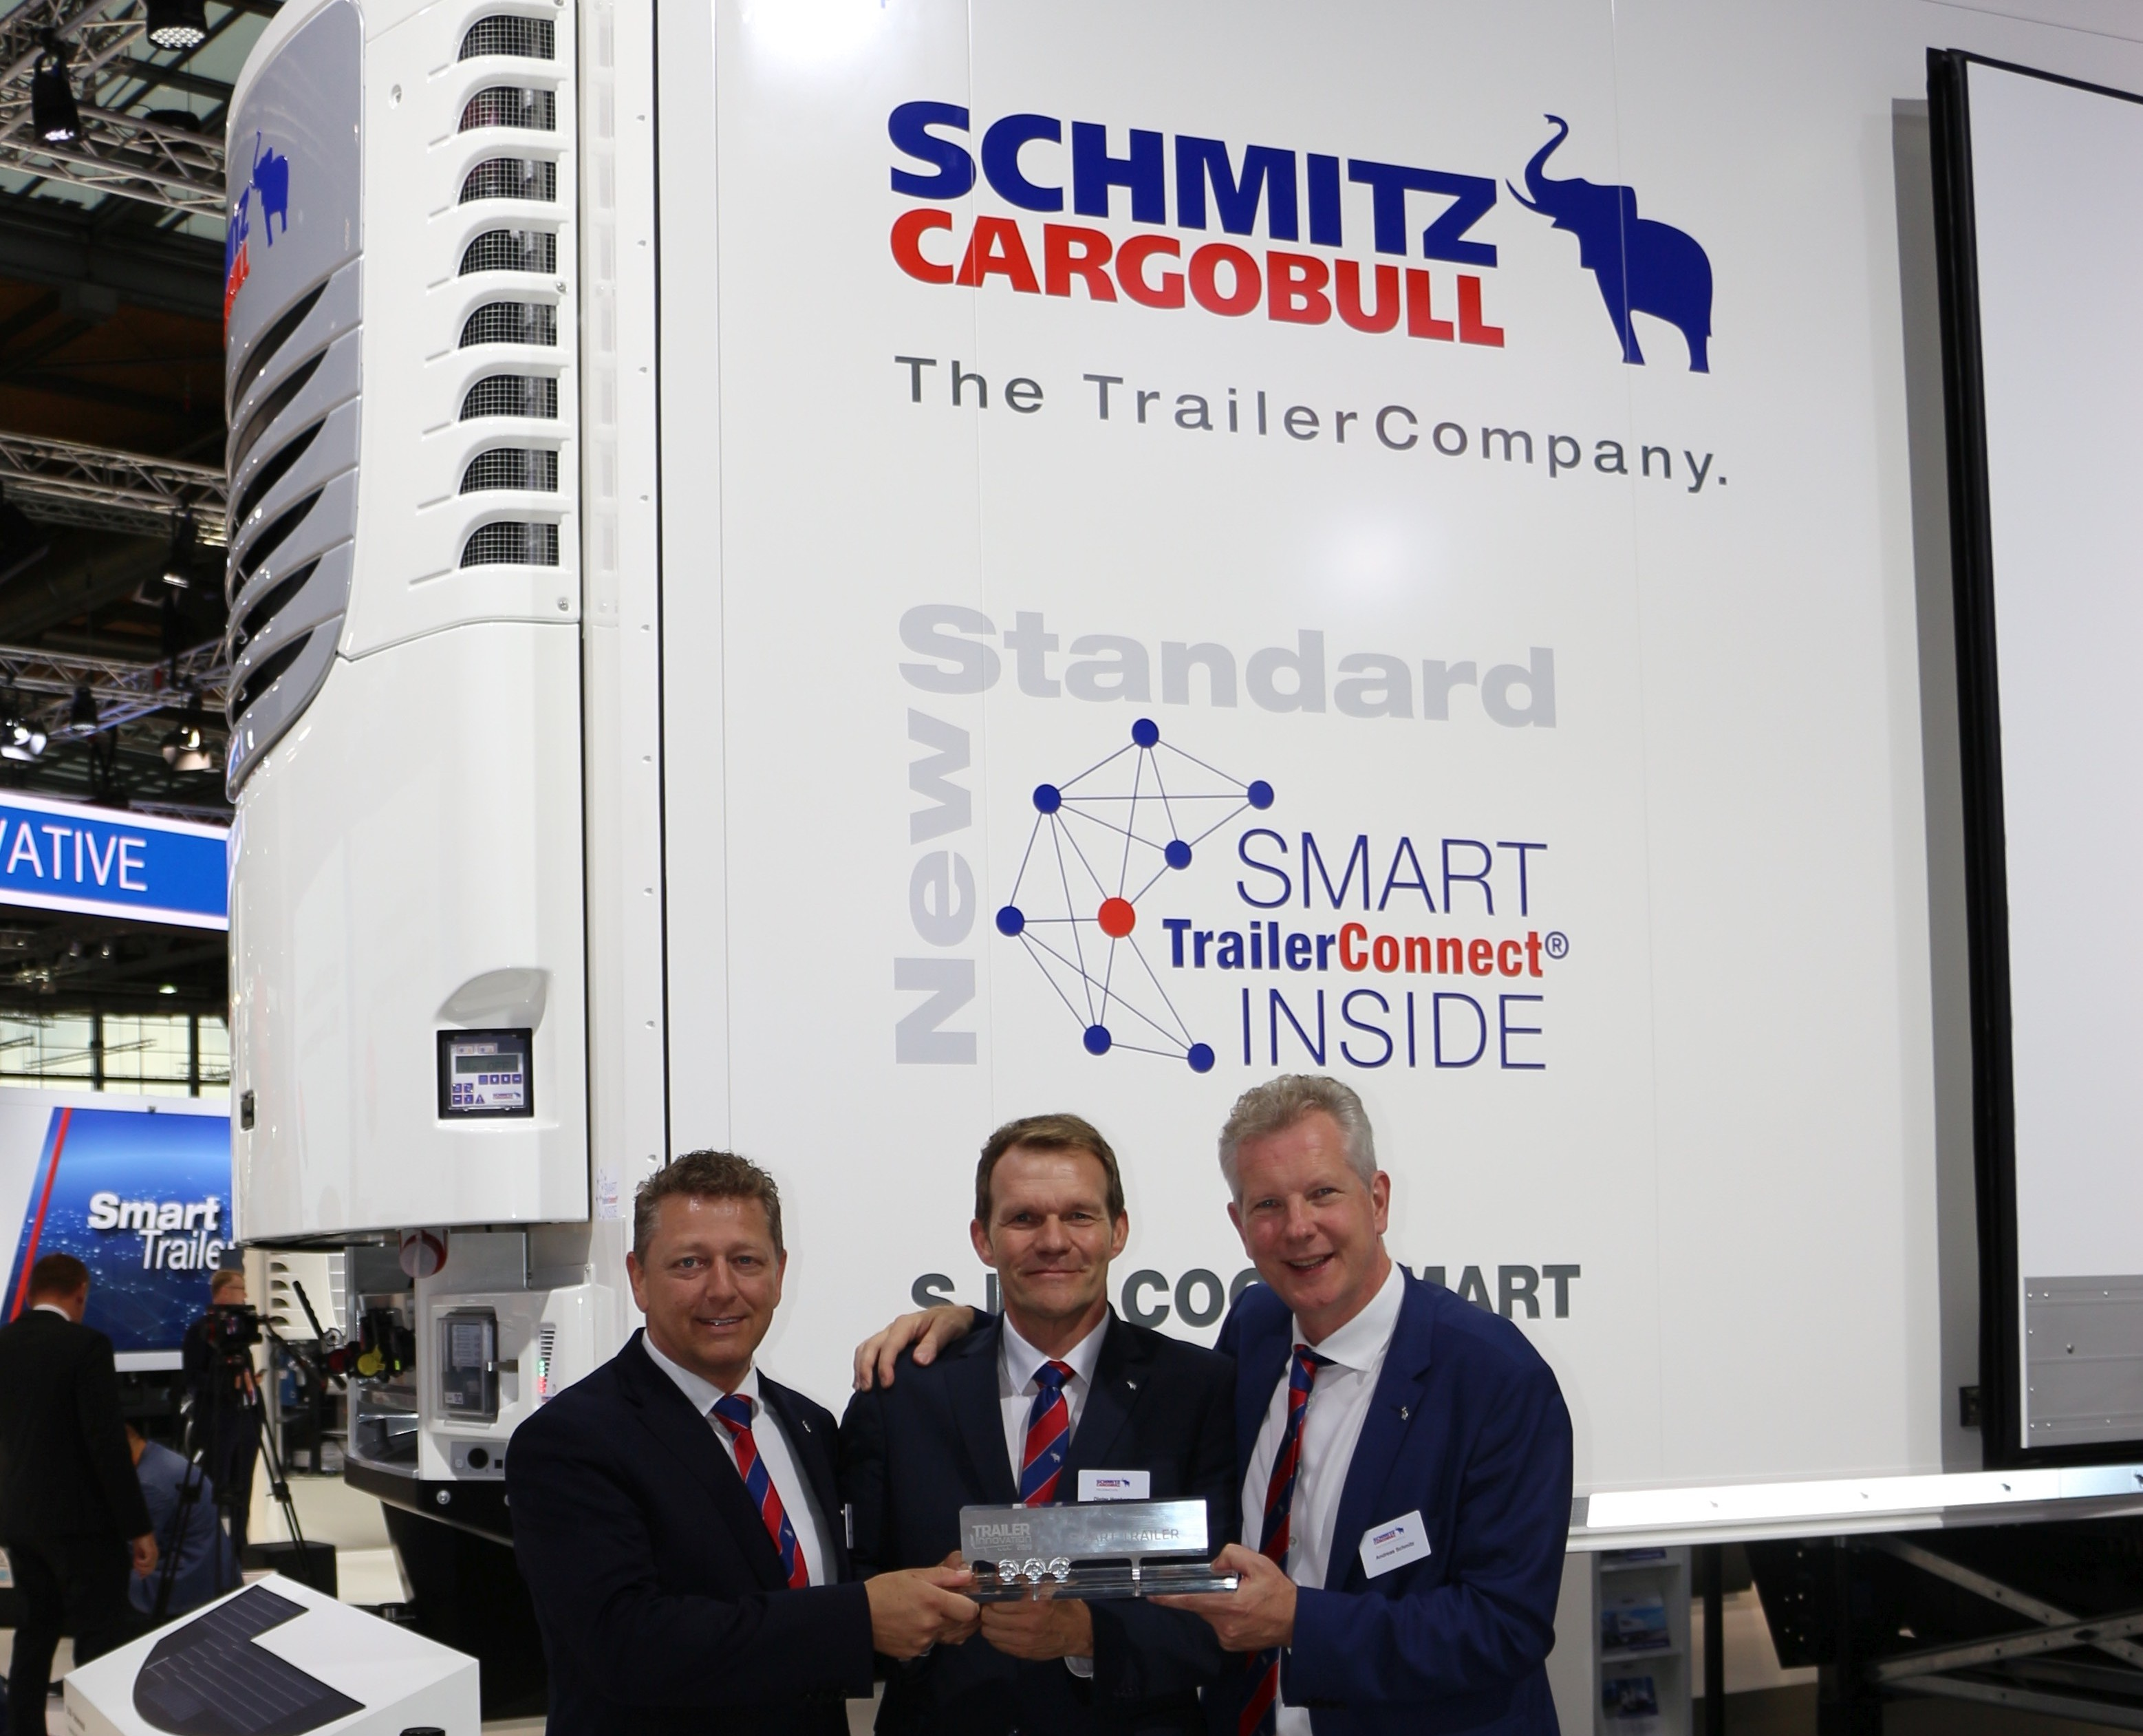 Schmitz Cargobull IAA 2018